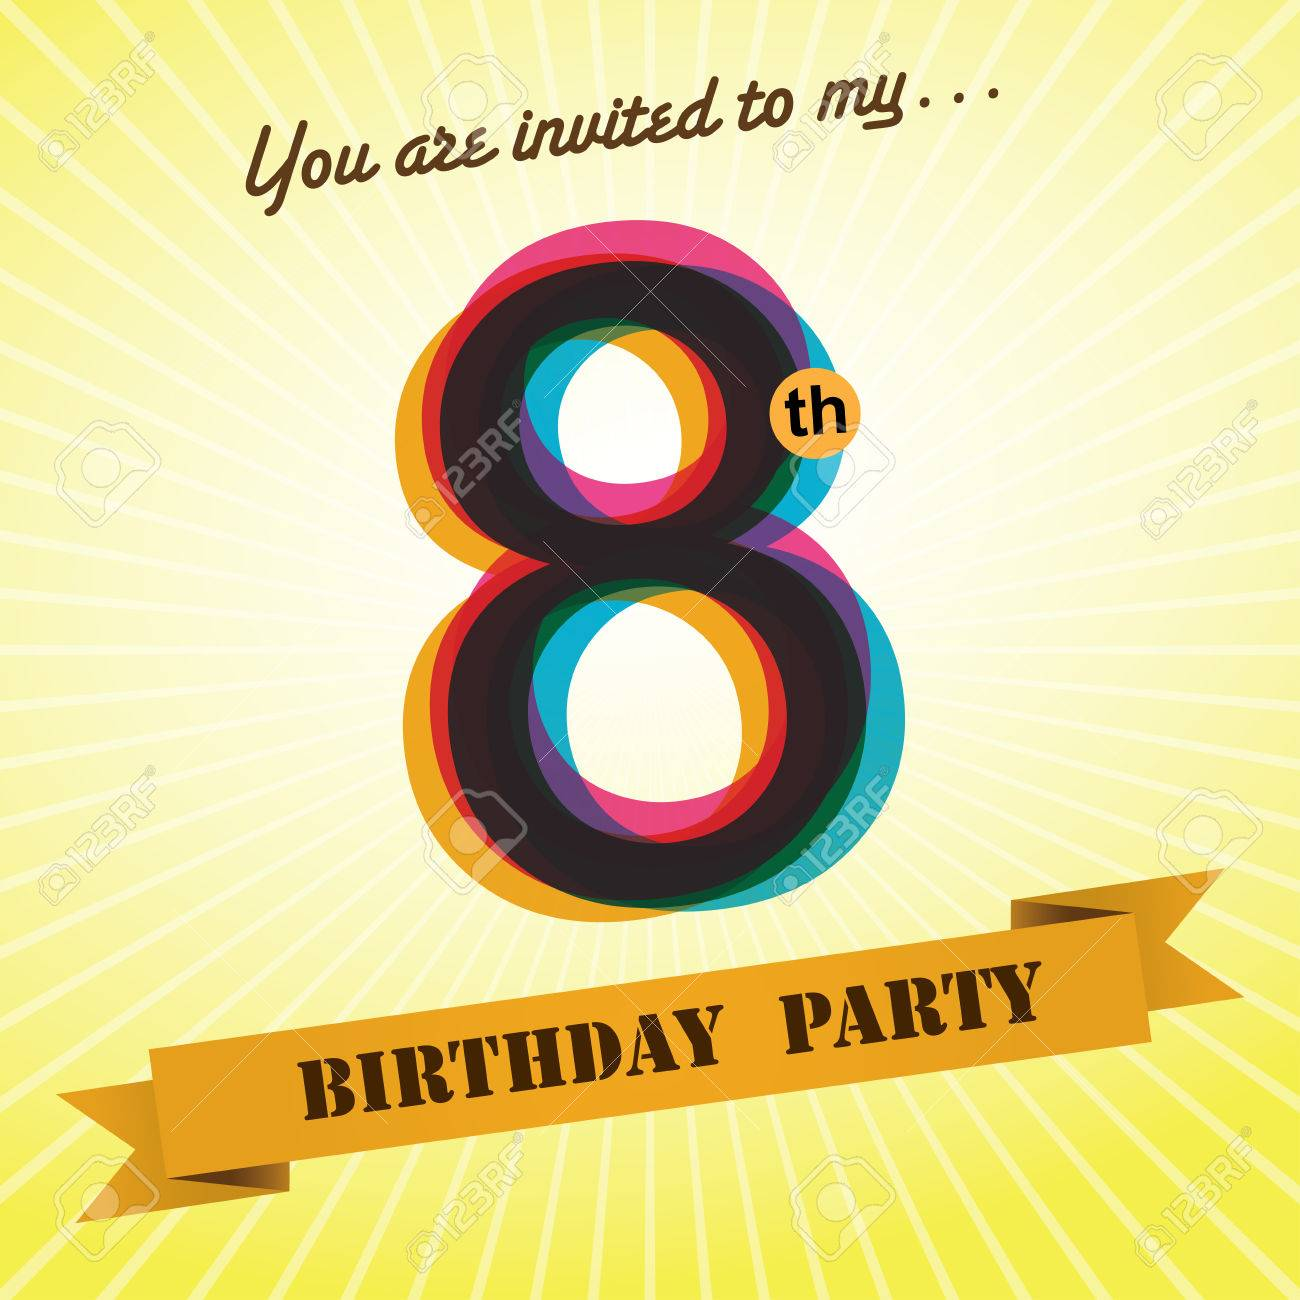 8th Birthday Party Invite Template Design Retro Style